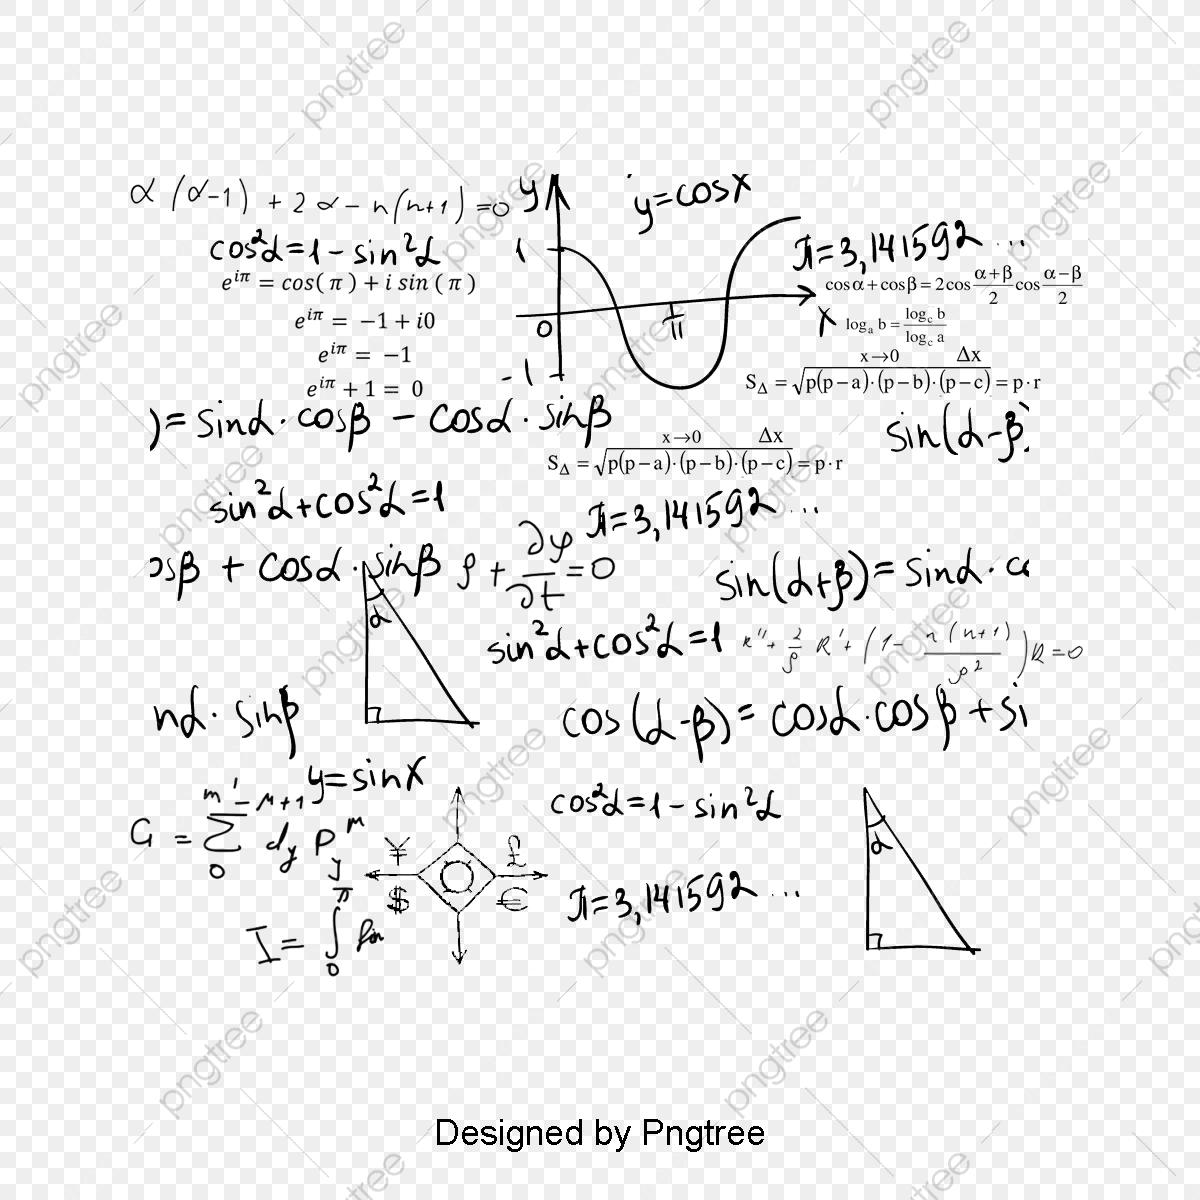 数学ノート 漂う ベクトル 数学ノート画像素材の無料ダウンロードの